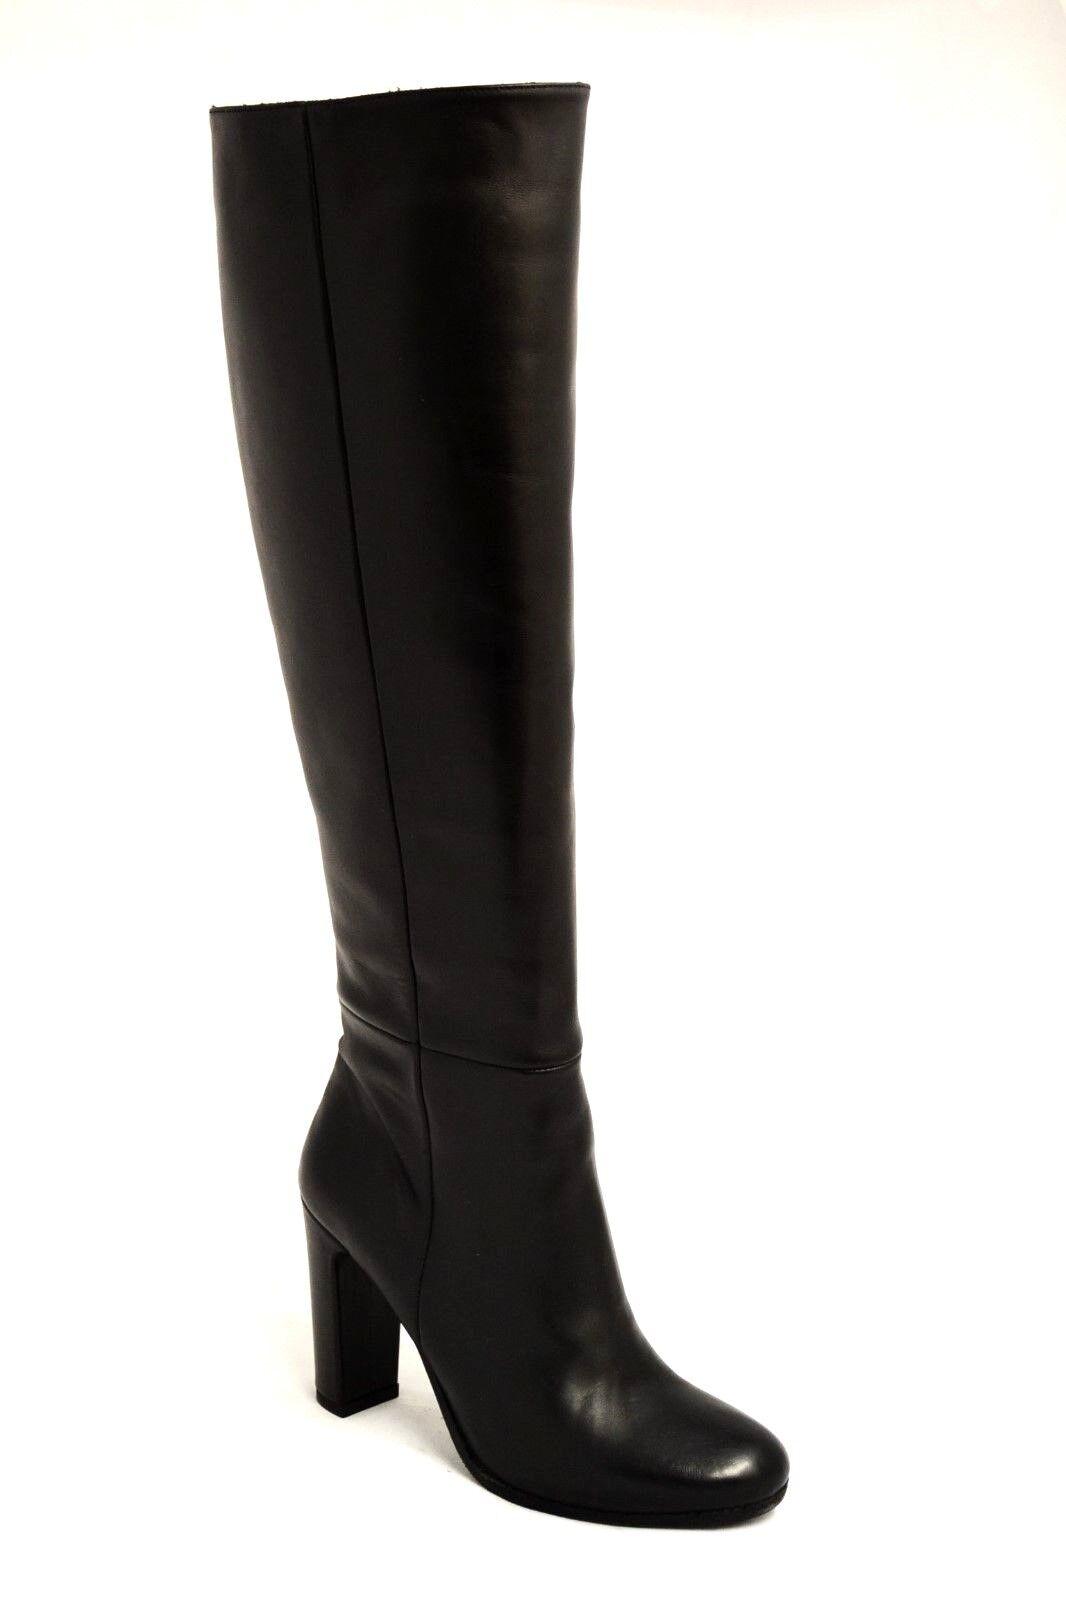 Grandes zapatos con descuento STIVALI DONNA ARTIGIANALI 100% VERA PELLE MADE IN ITALY POLPACCIO SU MISURA